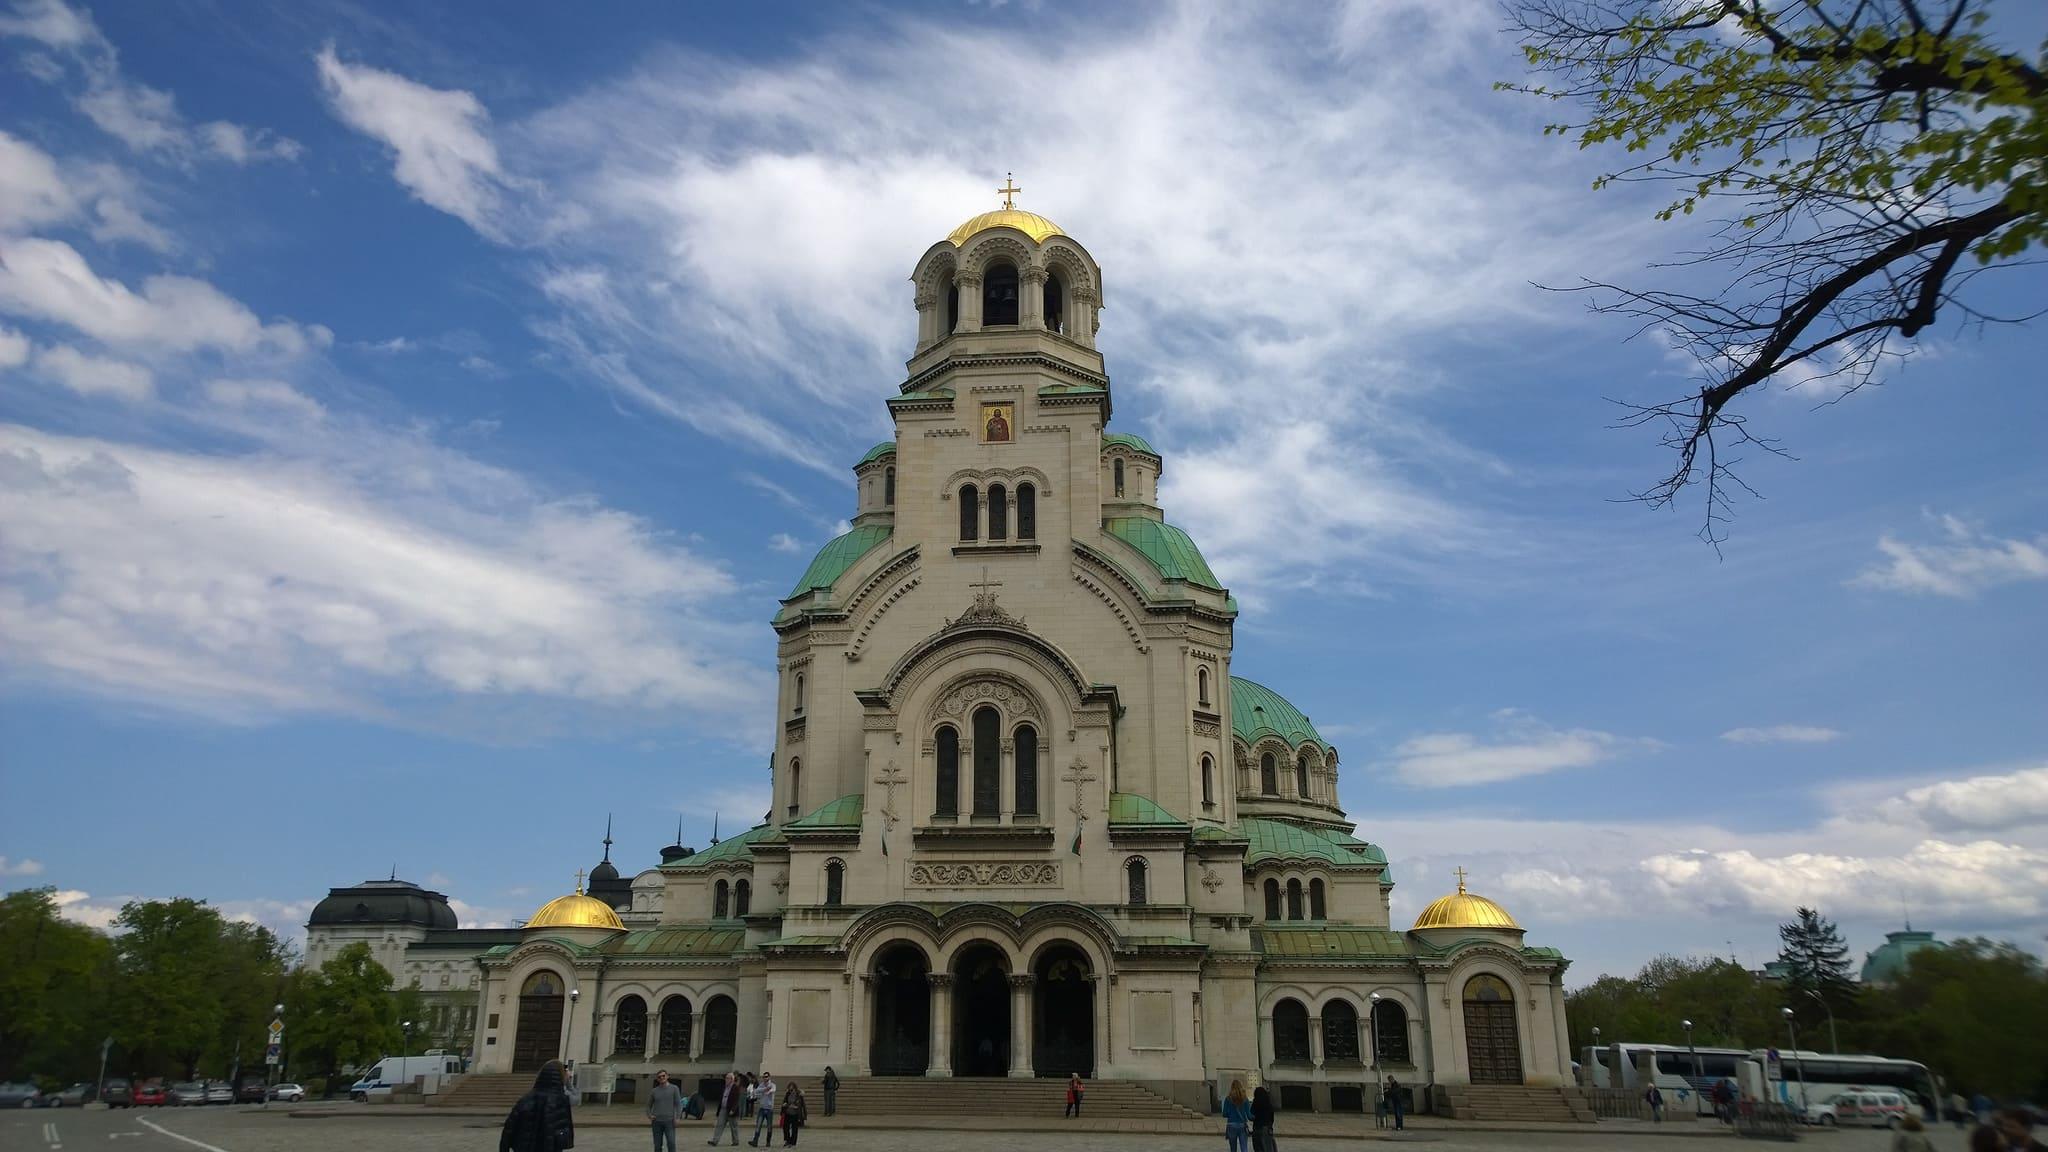 costi e orari per la cattedrale di aleksandar nevski sofia